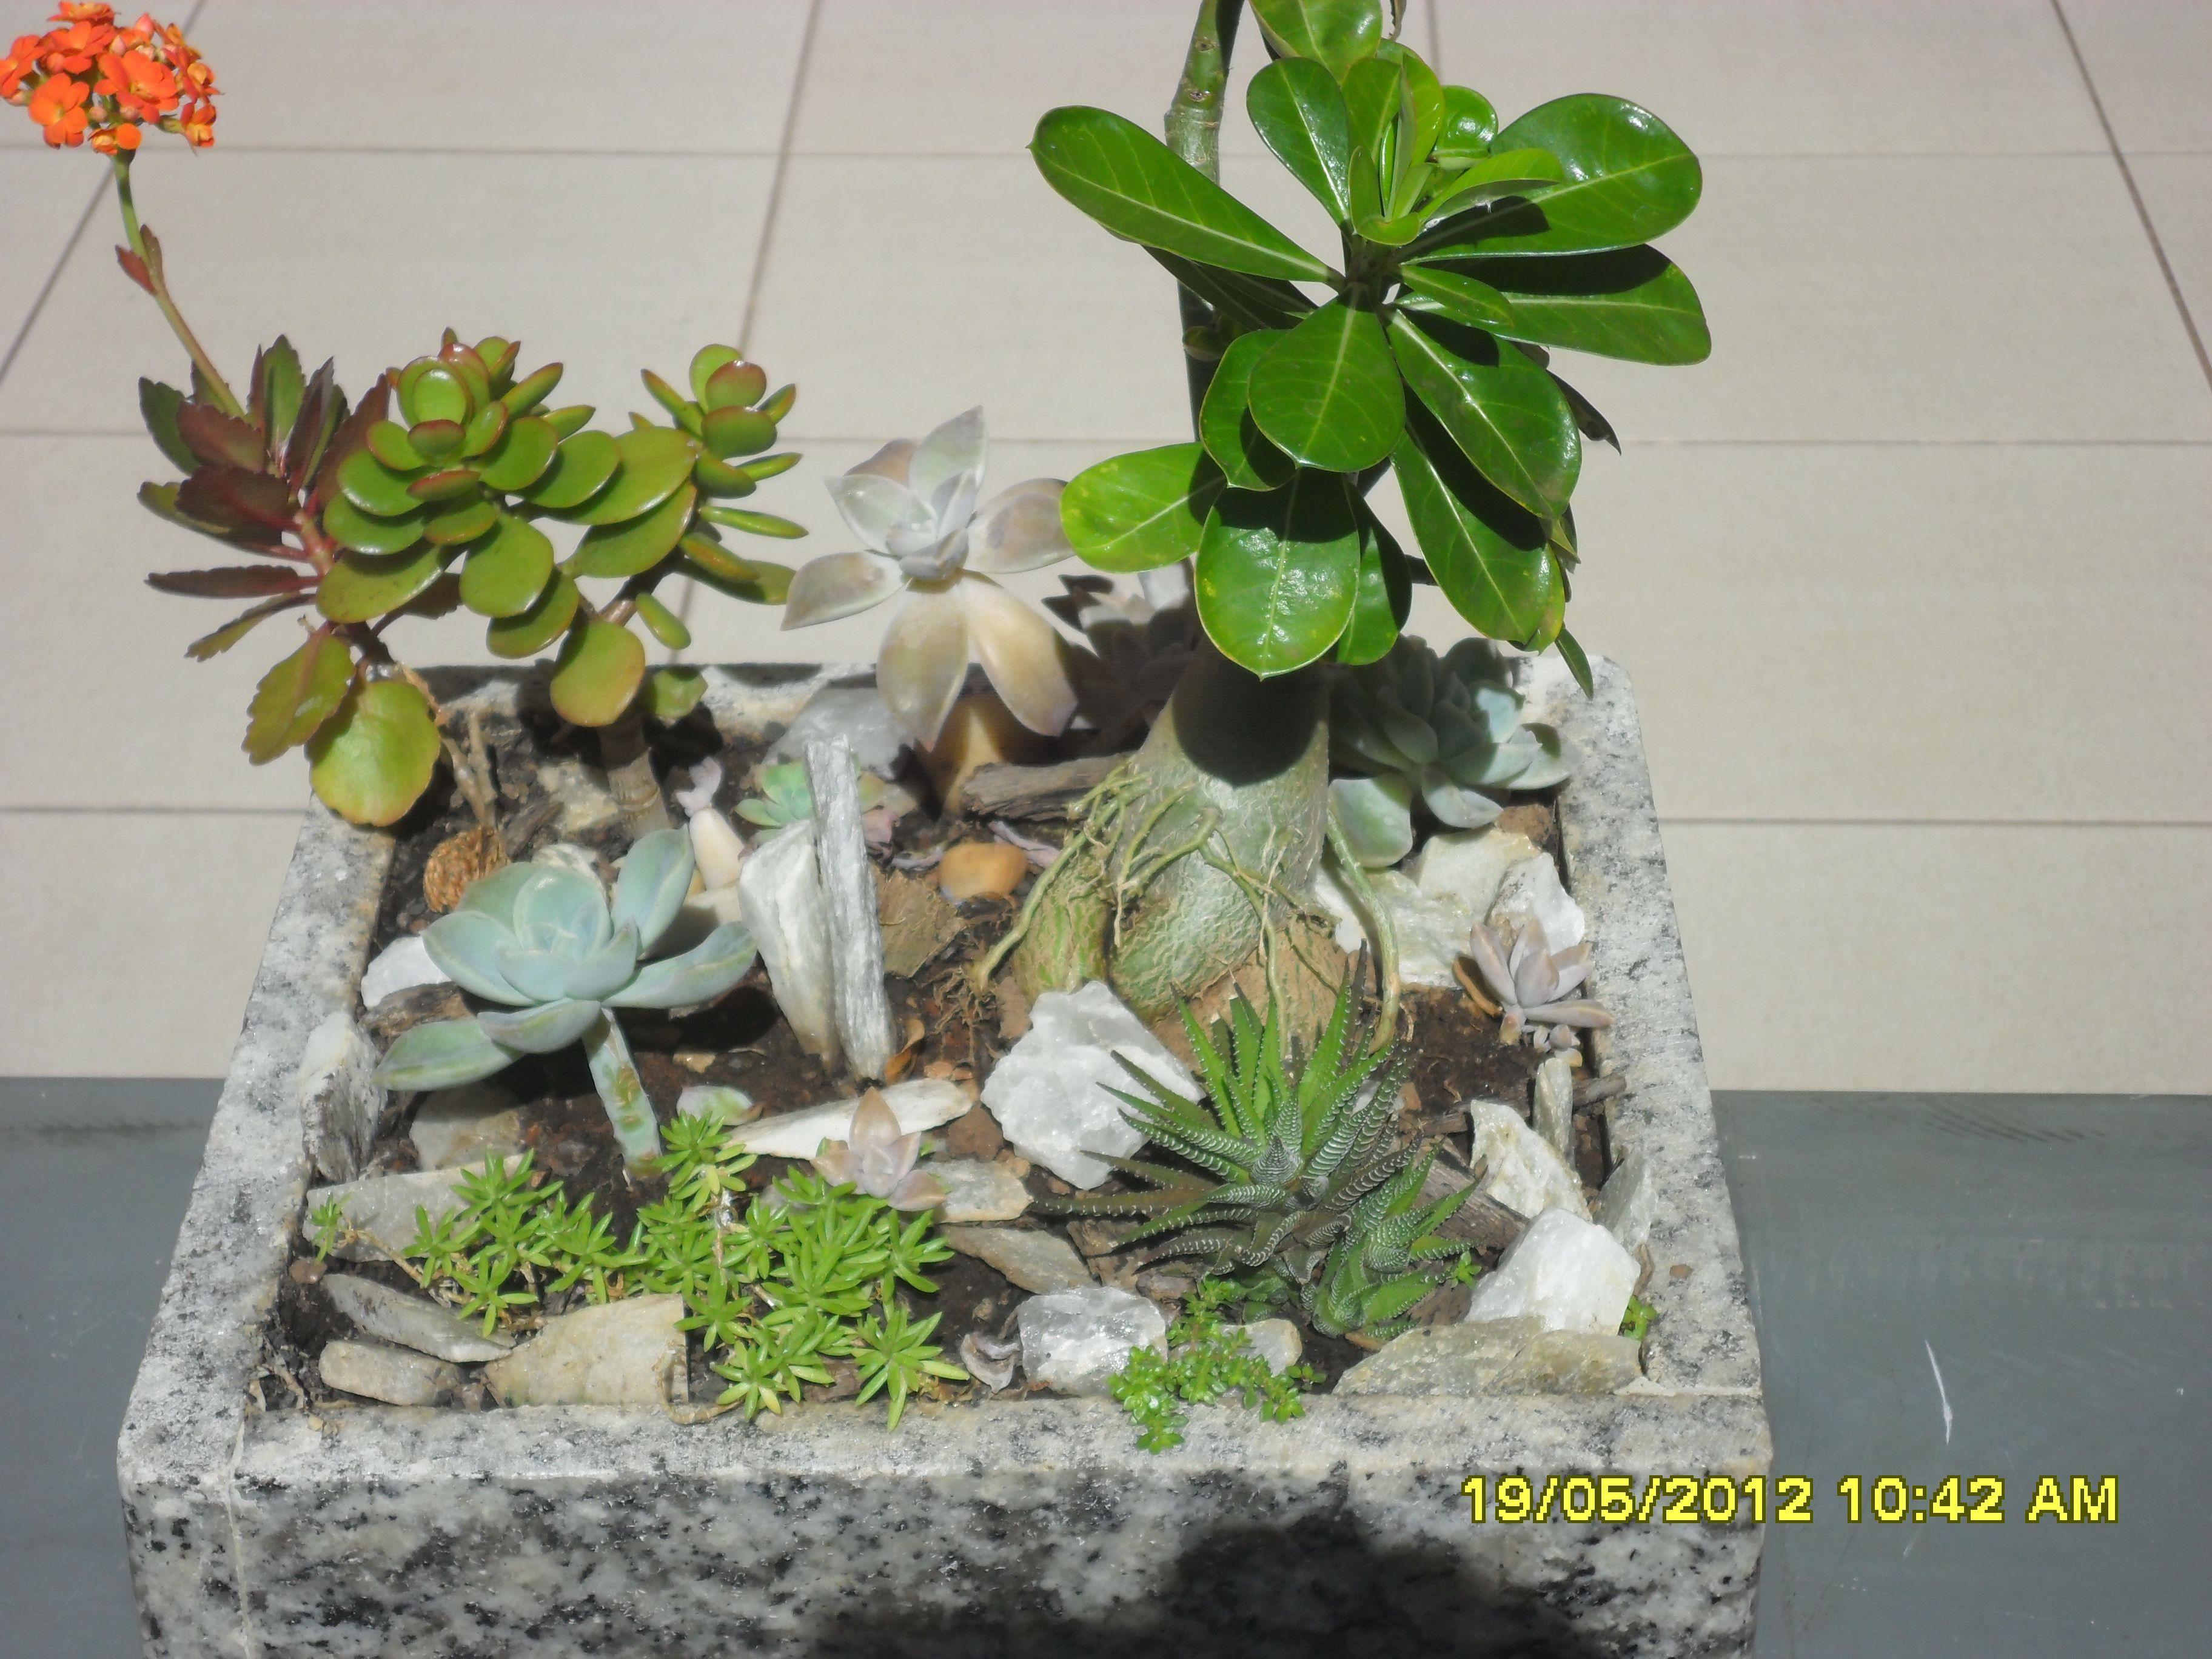 Mini jardim de suculentas, cactos e flor do deserto feito por minha mãe!!Lindo!